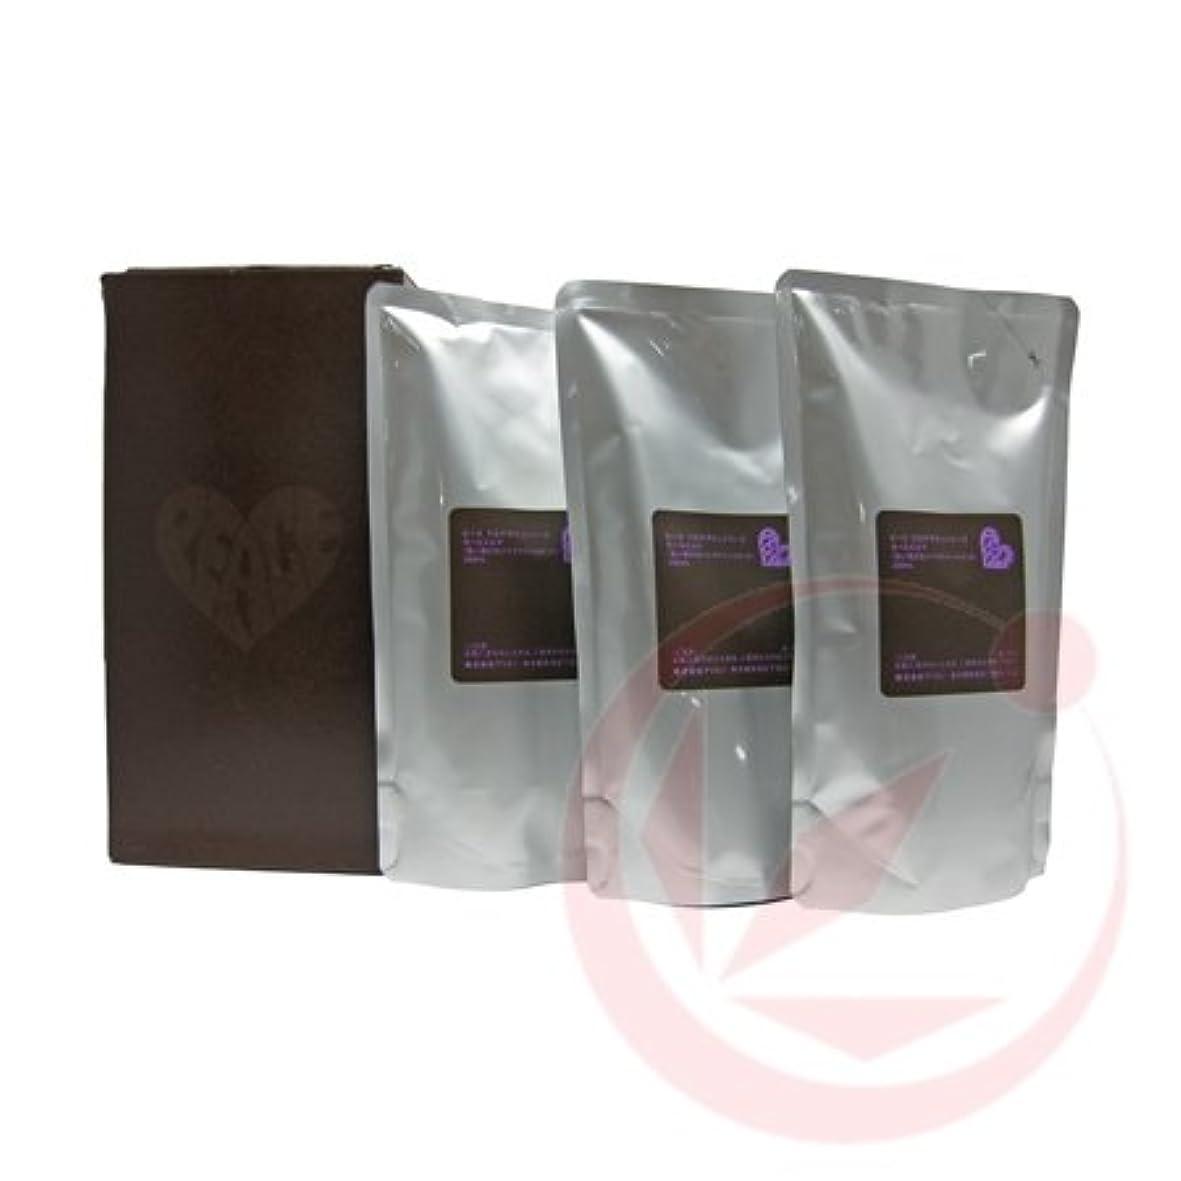 暫定リベラル魔術師アリミノ ピース カールmilk ミルク(チョコ) 200ml(業務?詰替用)×3個入り